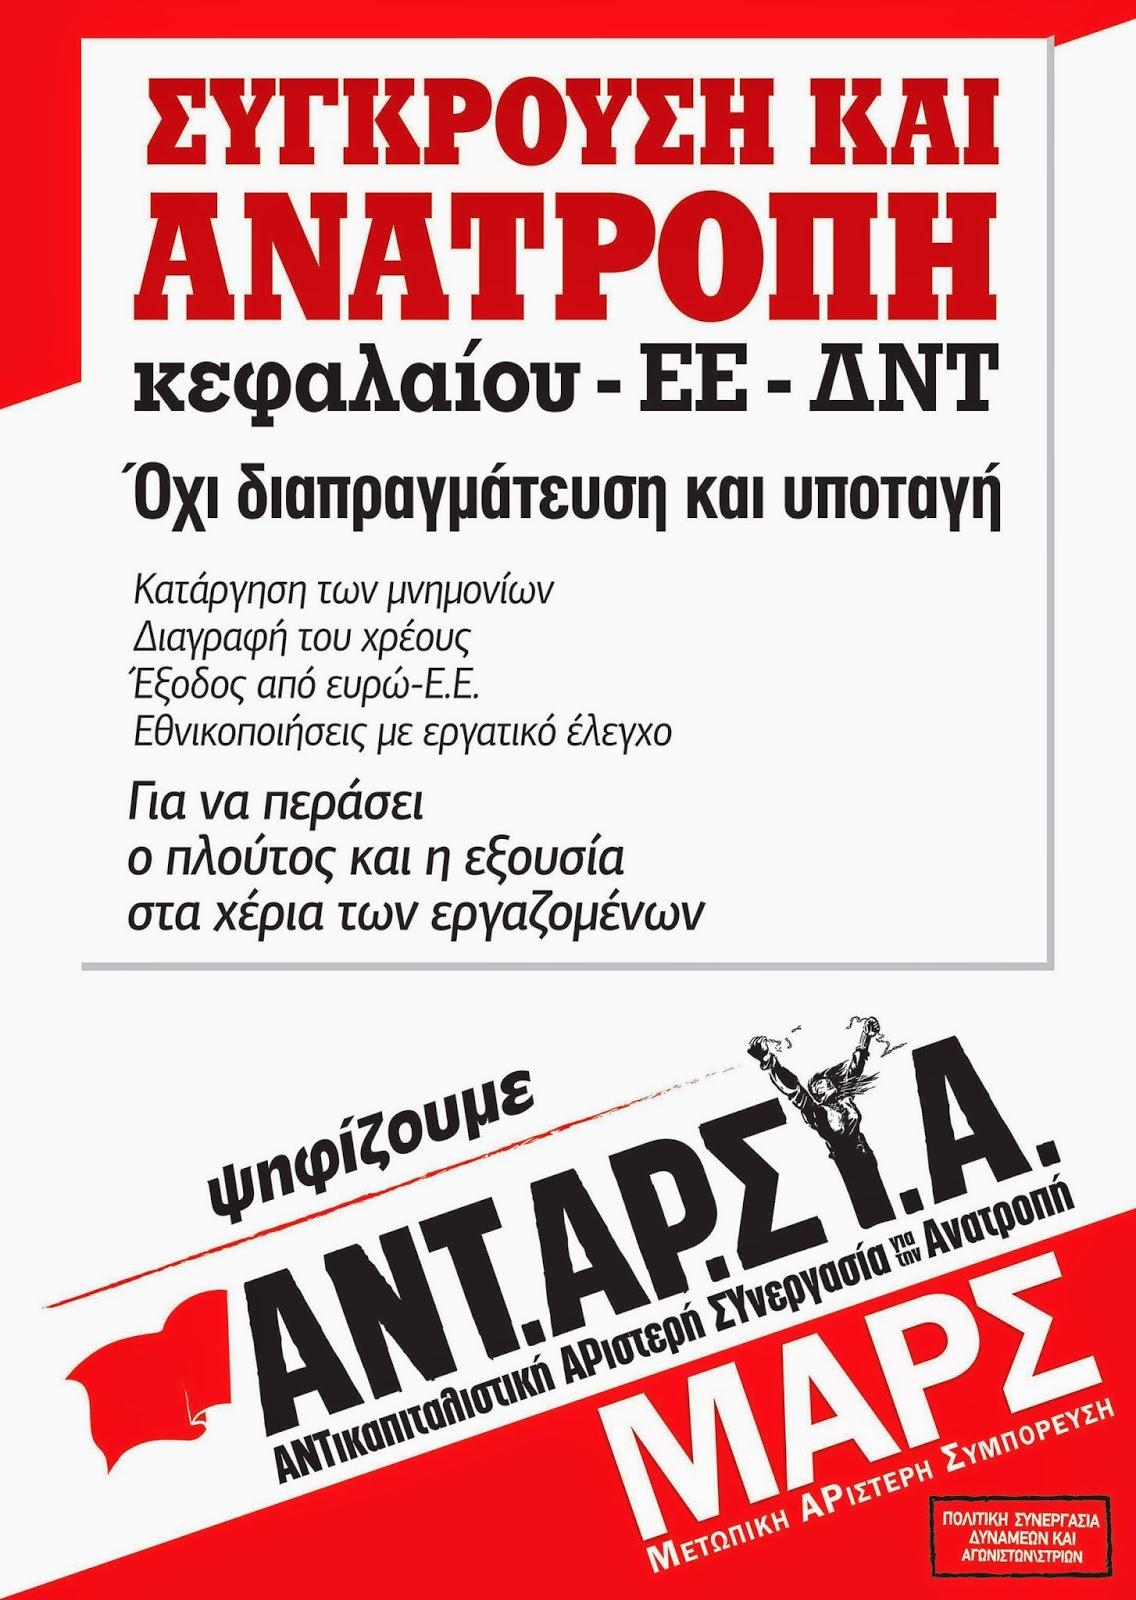 Αφίσα ΑΝΤΑΡΣΥΑ-ΜΑΡΣ για εκλογές 2015